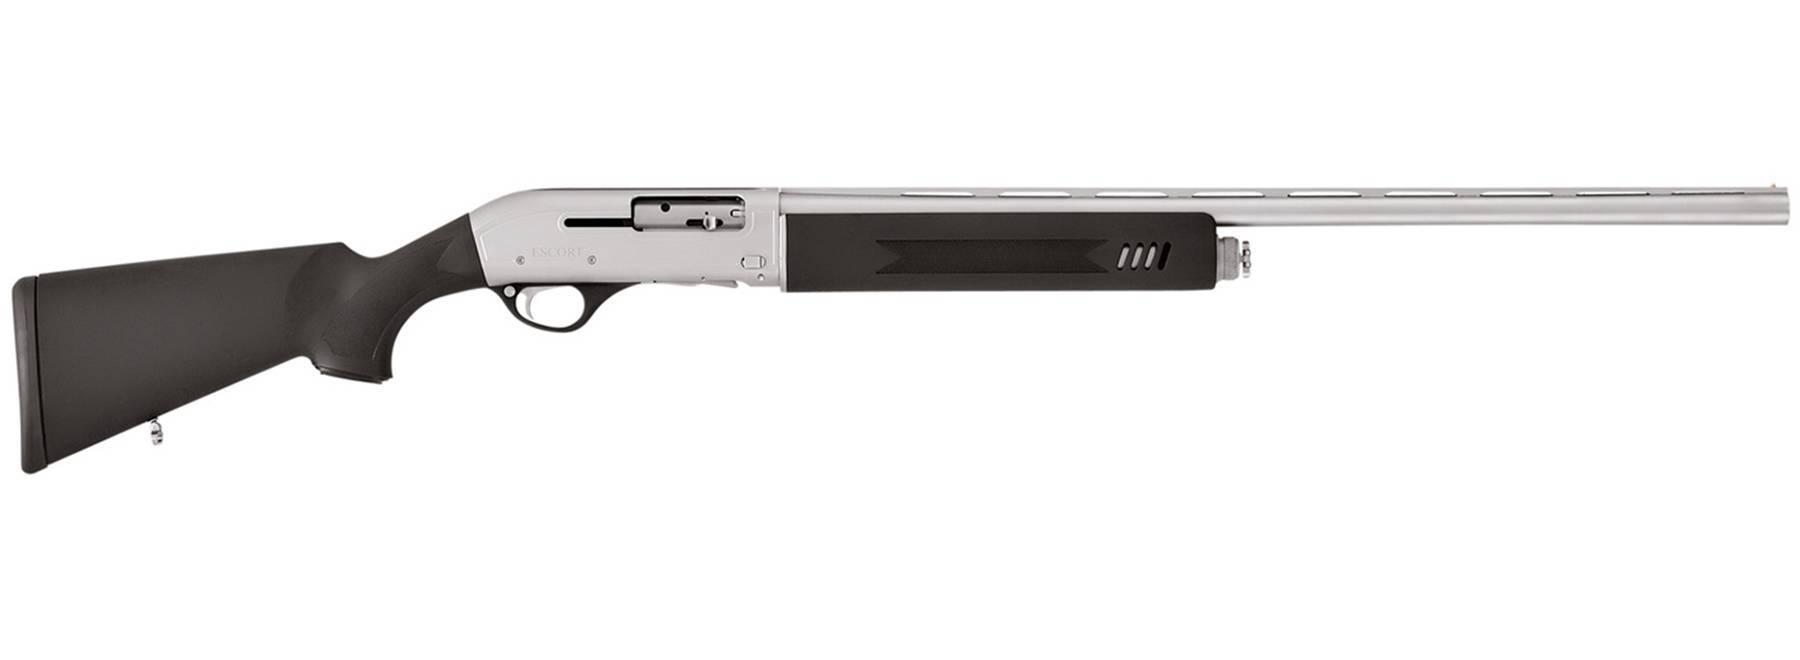 Лучшие пневматические винтовки хатсан: цены и характеристики моделей